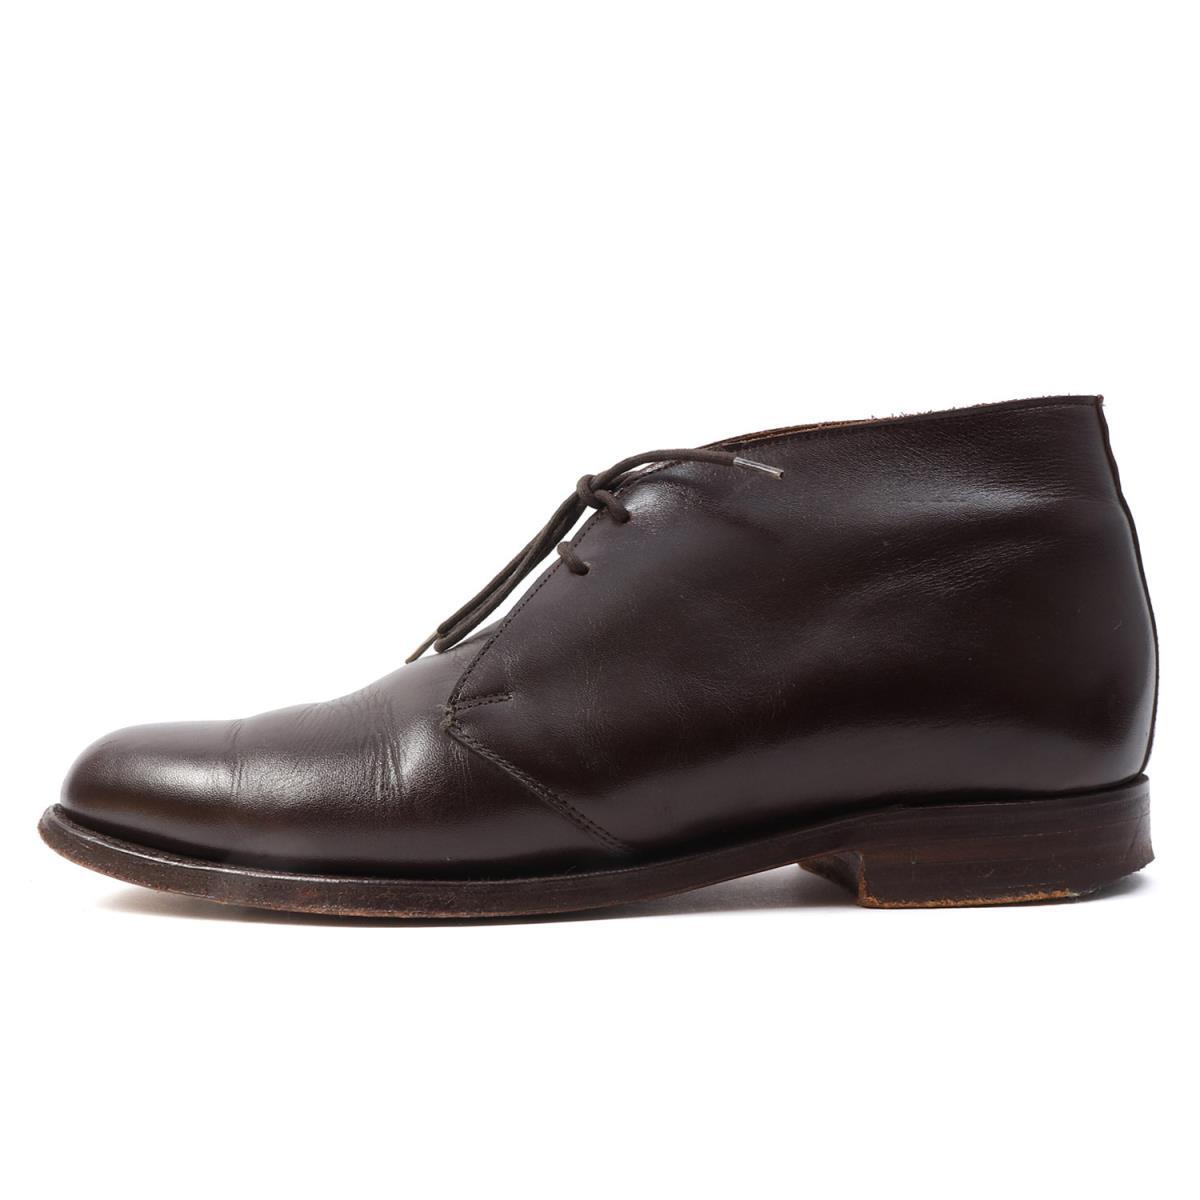 buy popular af8a0 b6077 Lloyd Footwear (Lloyd footwear) leather chukka boots brown 7